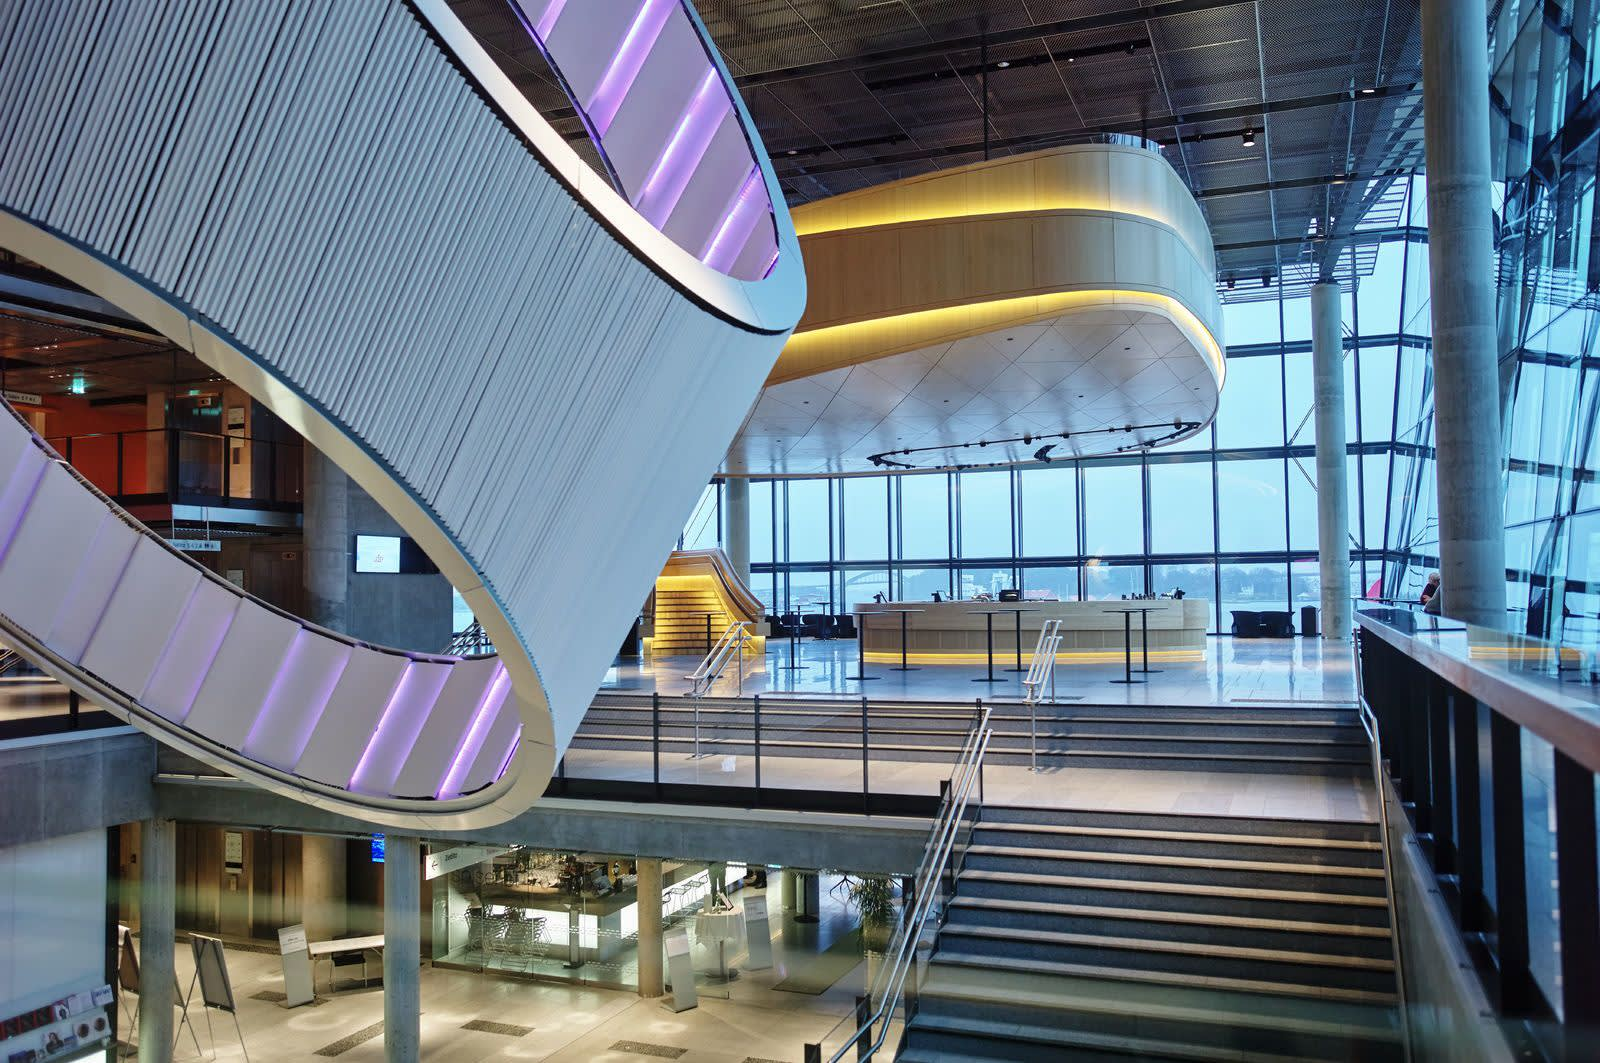 Innsiden av et bygg dekorert med lyskunst. Foto: Øivind Haug